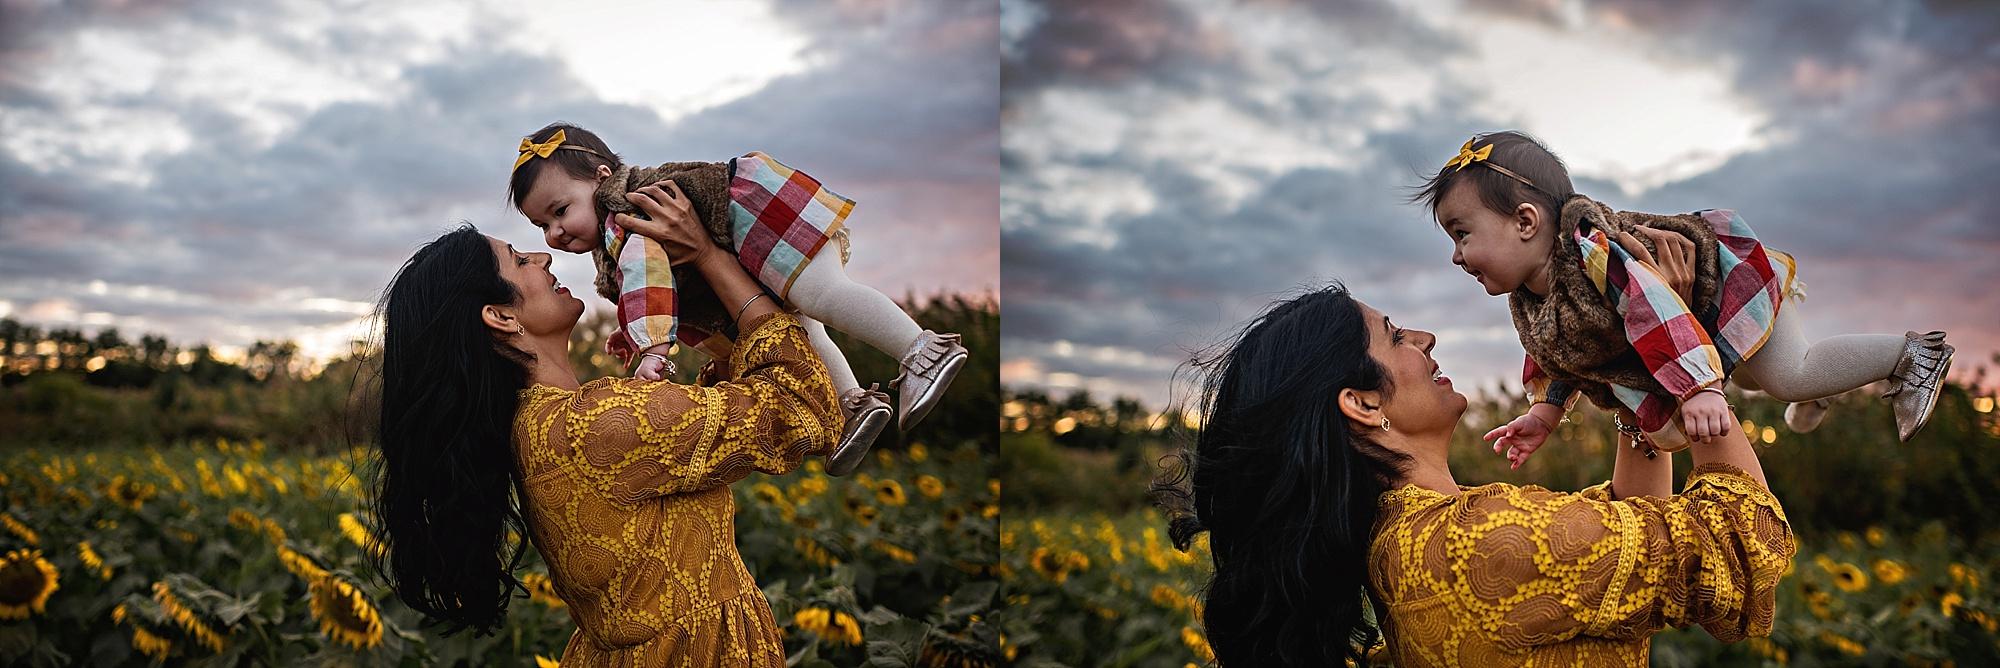 Turner-family-akron-ohio-photographer-lauren-grayson-sunflower-field-session_0022.jpg